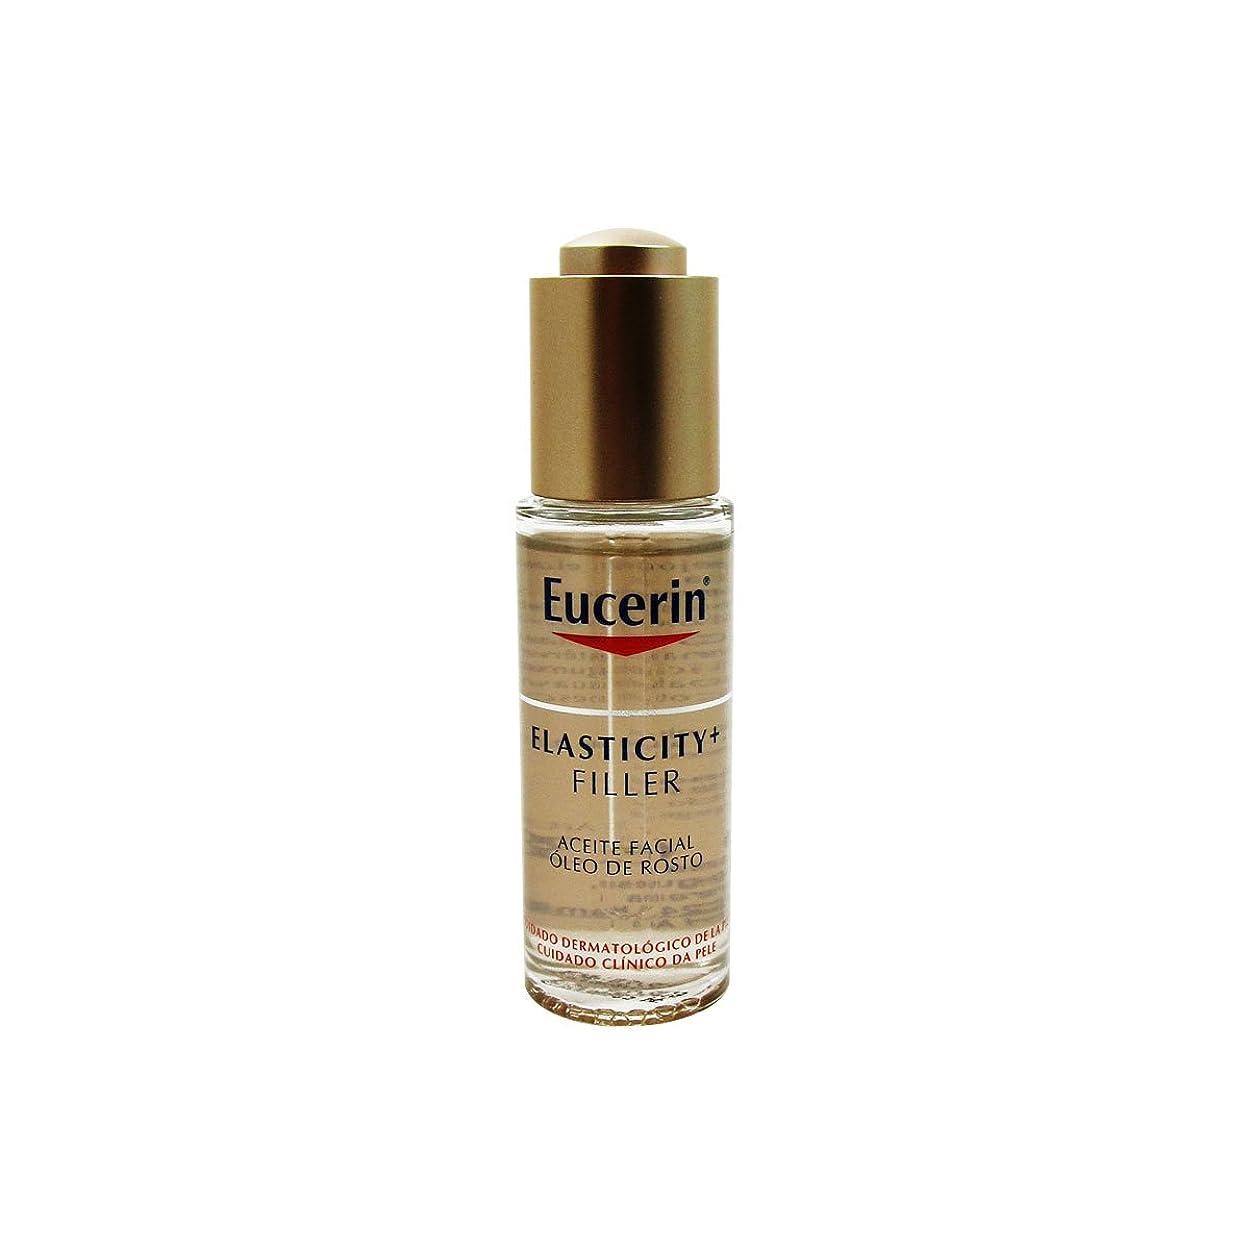 調査シールド印をつけるEucerin Elasticity Filler Facial Oil 30ml [並行輸入品]